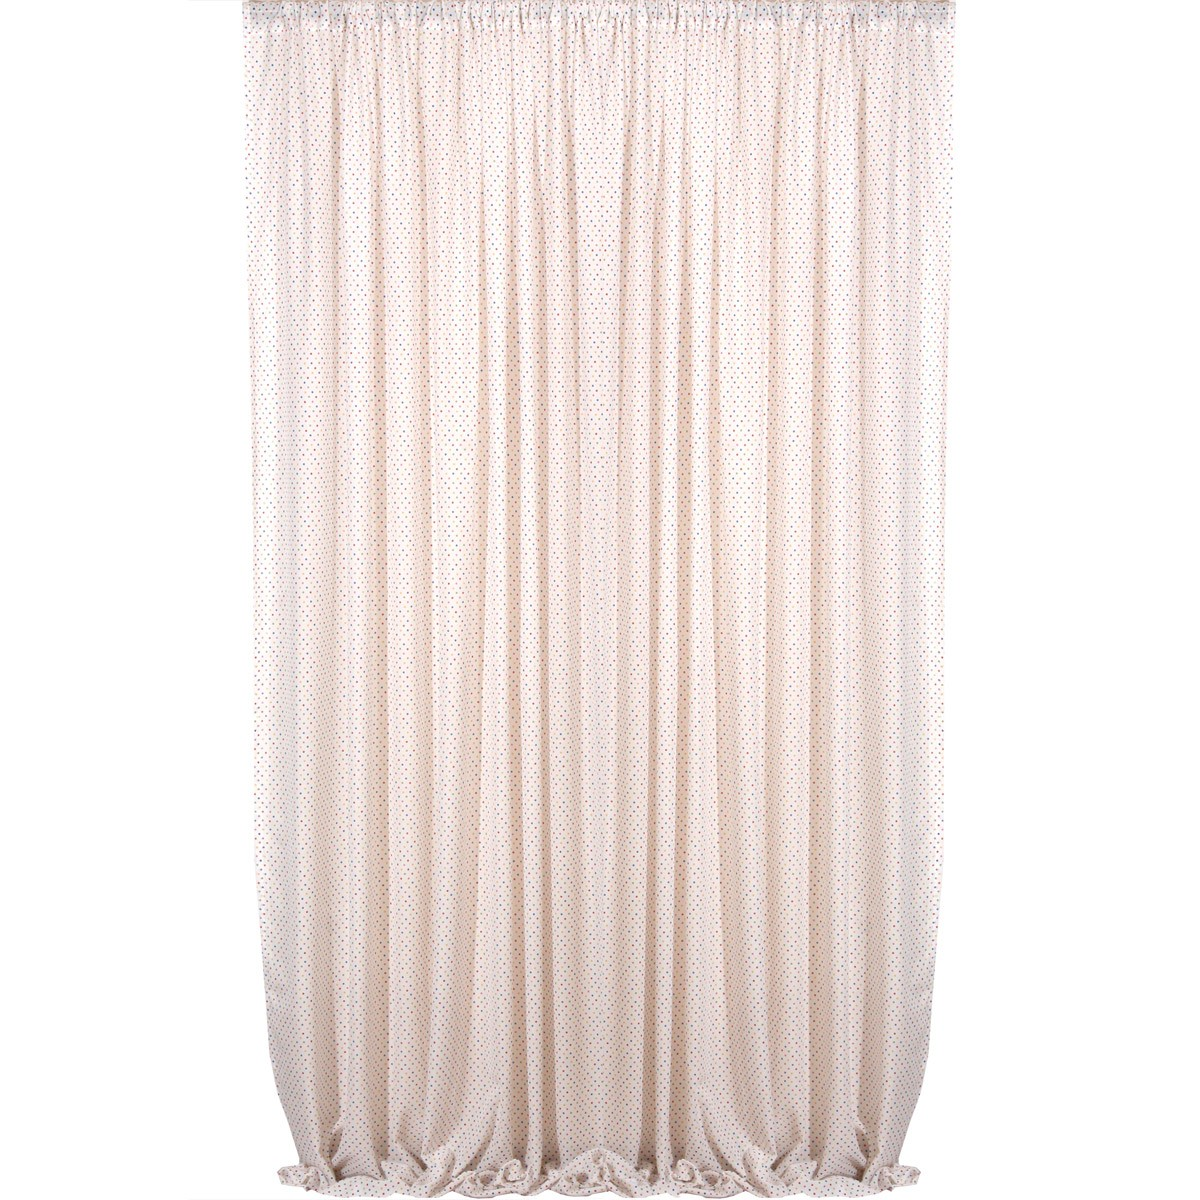 Παιδική Κουρτίνα (280×270) Viopros Curtains Γάζα Πουά Πολύχρωμο